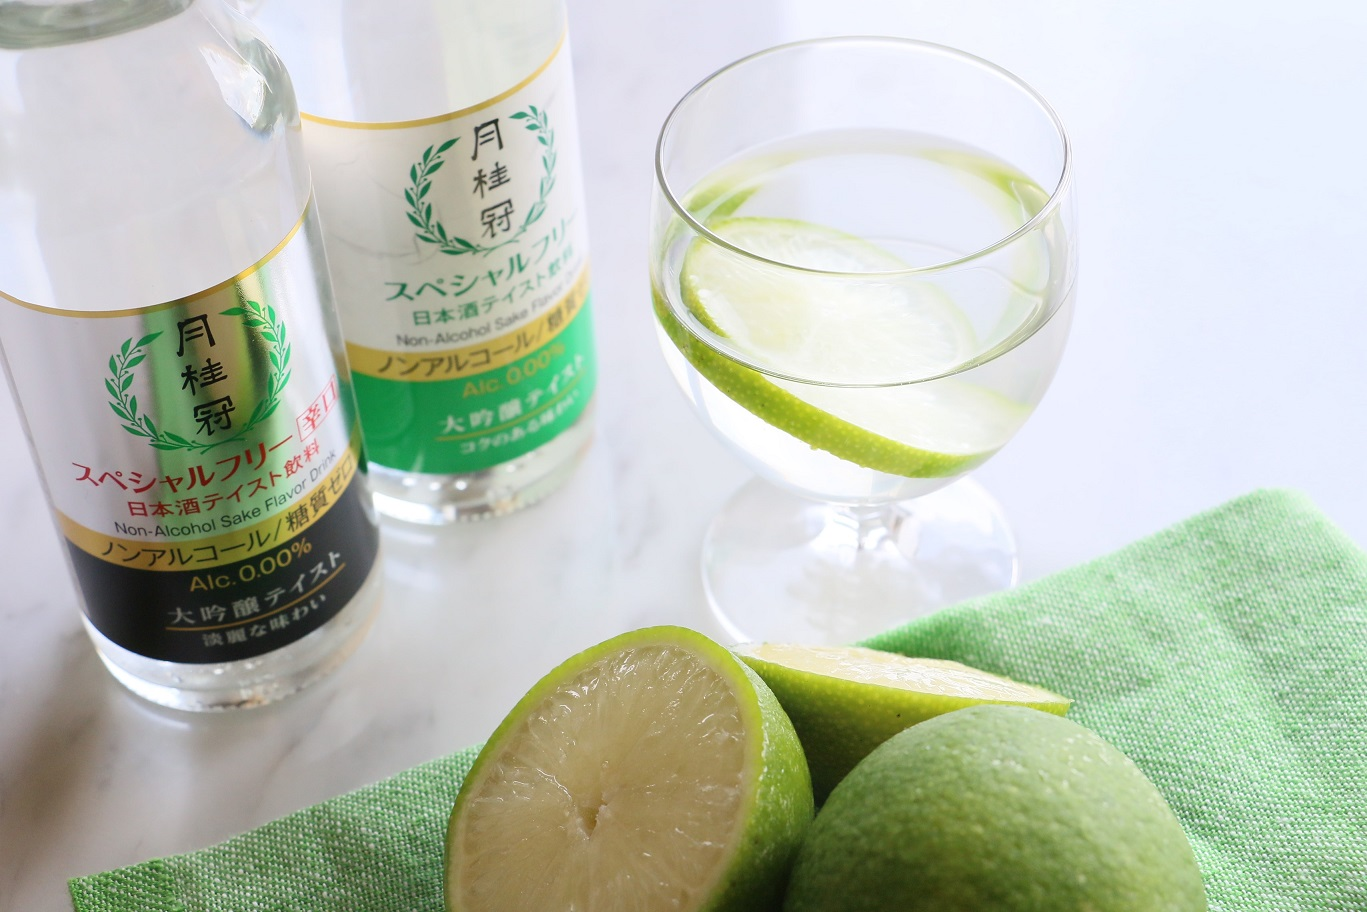 酔わずに楽しく飲む、ノンアルコール日本酒テイスト飲料 月桂冠「スペシャルフリー辛口」新発売 新アイテムは辛口タイプの大吟醸酒をイメージ